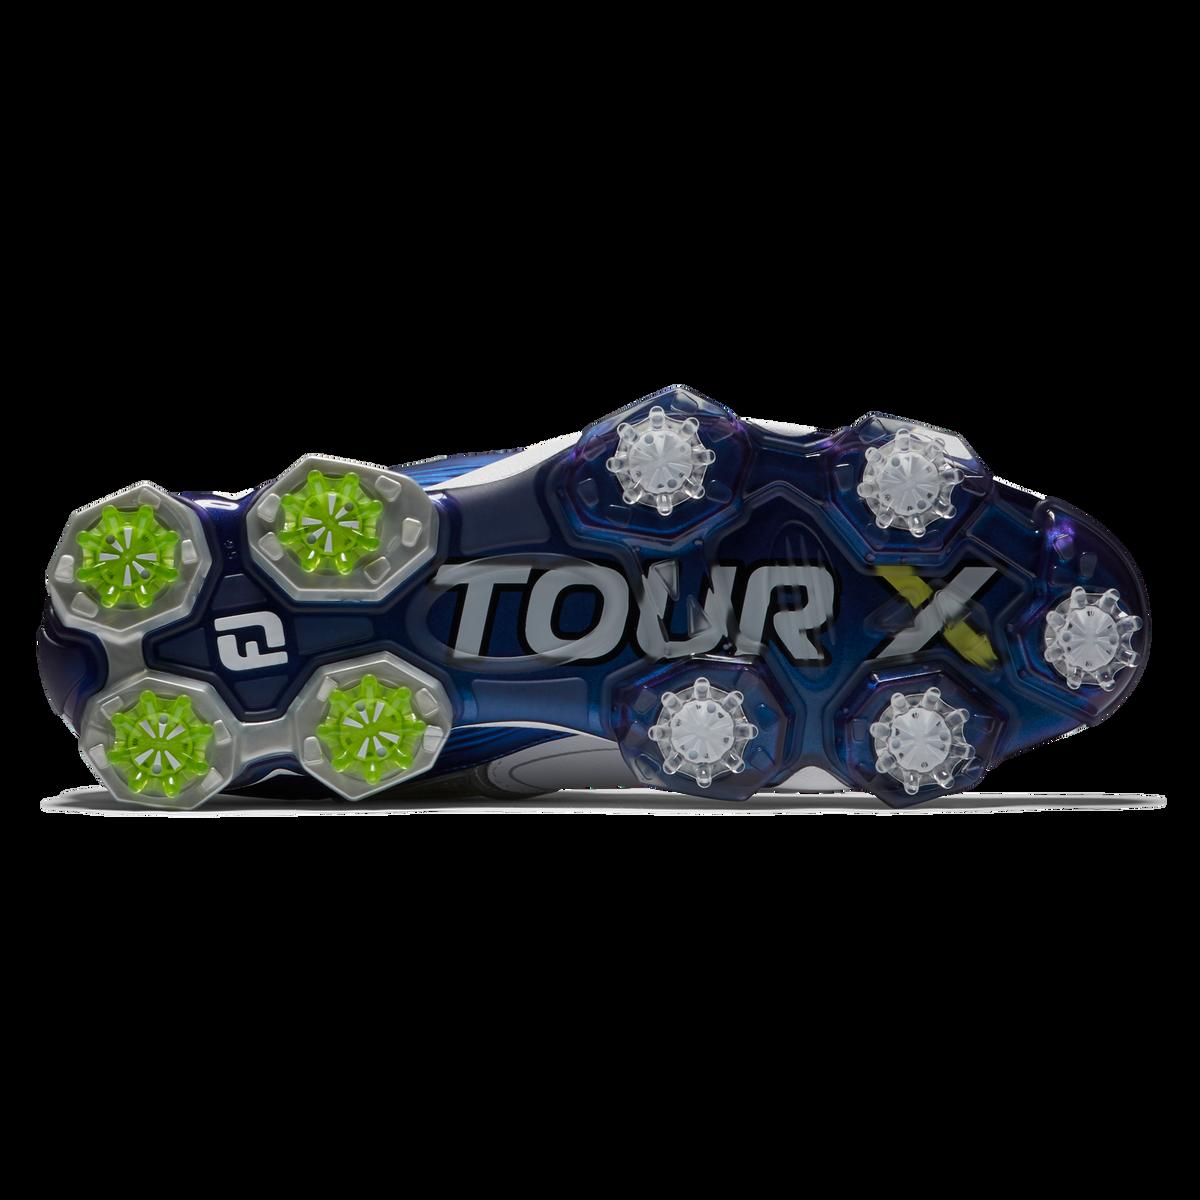 Tour X